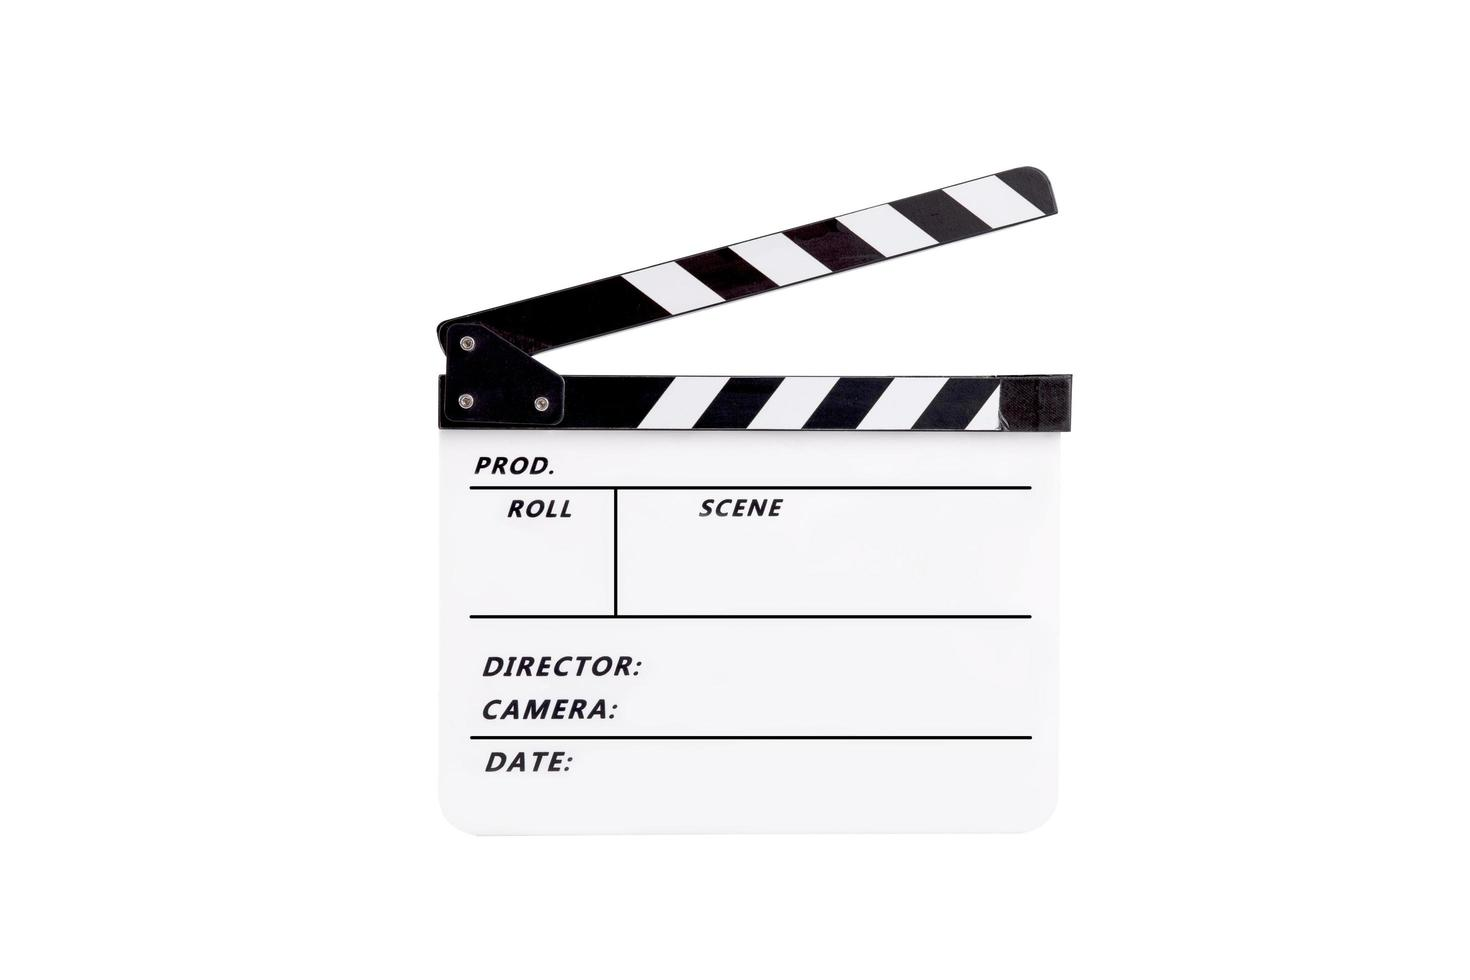 Clap pour film sur fond blanc photo